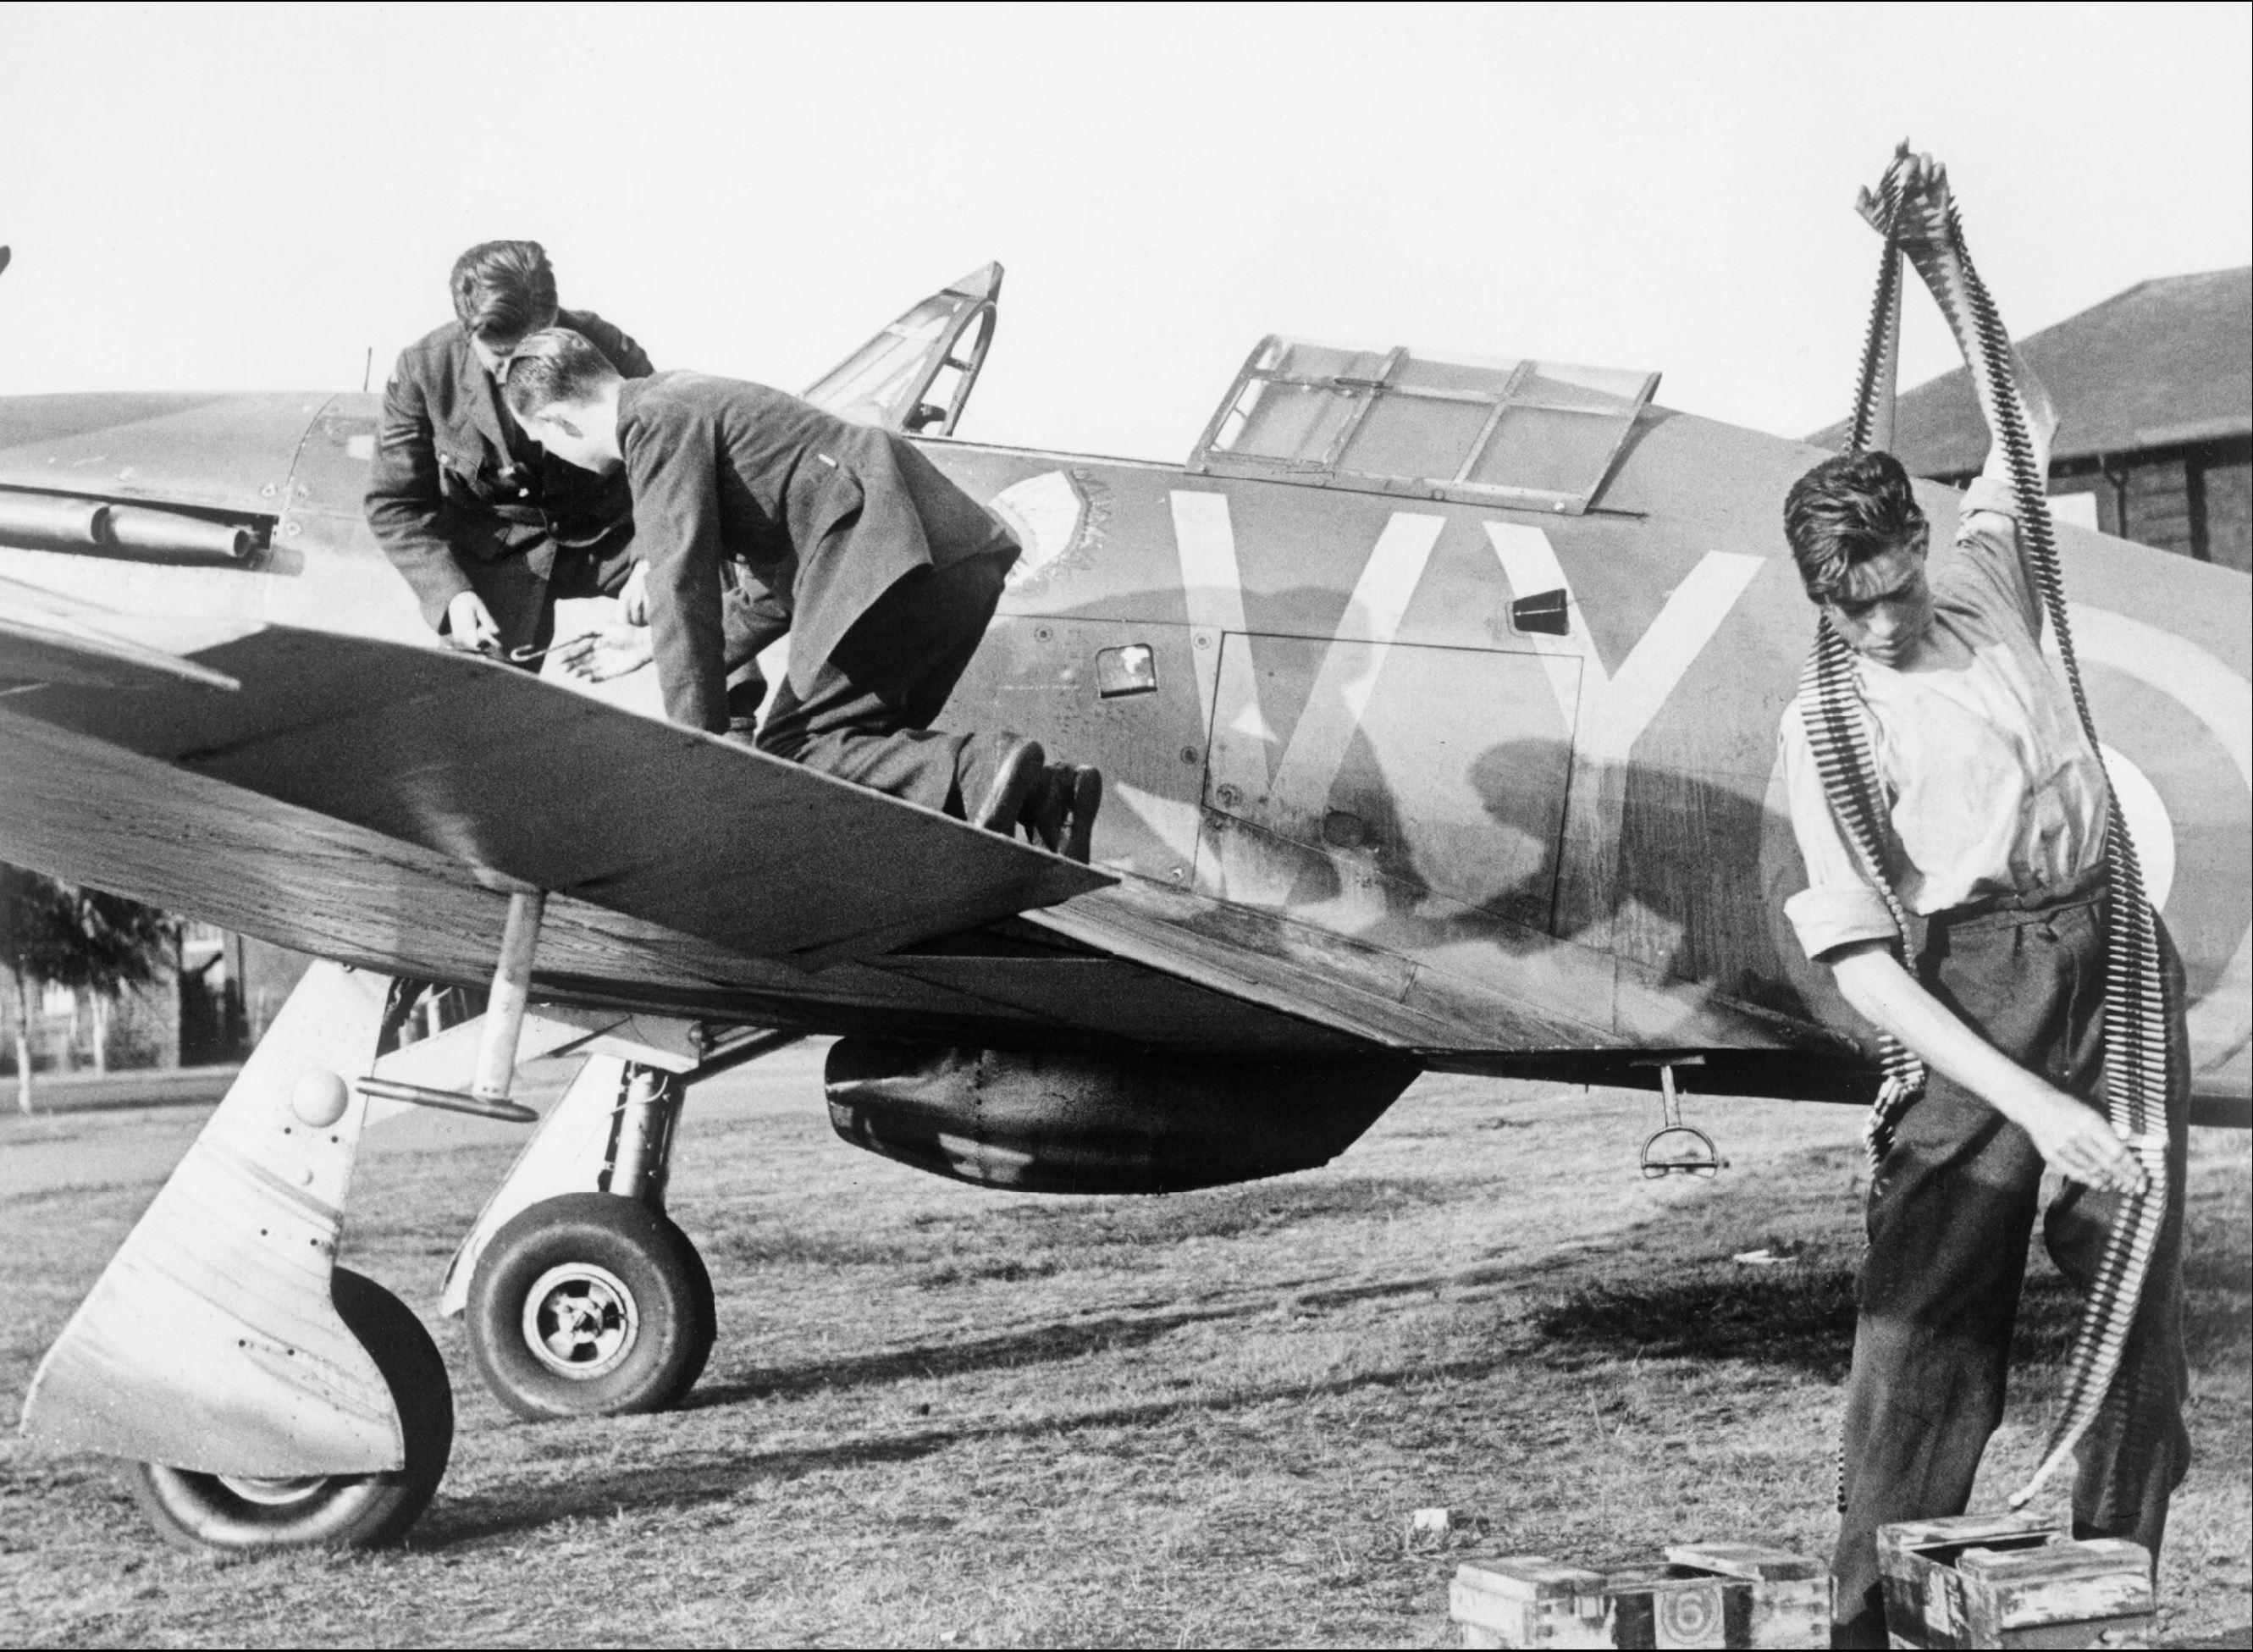 Hawker Hurricane I RAF 85Sqn VYR Albert G Lewis P2923 being rearmed Castle Camps Jul 1940 IWM HU54510